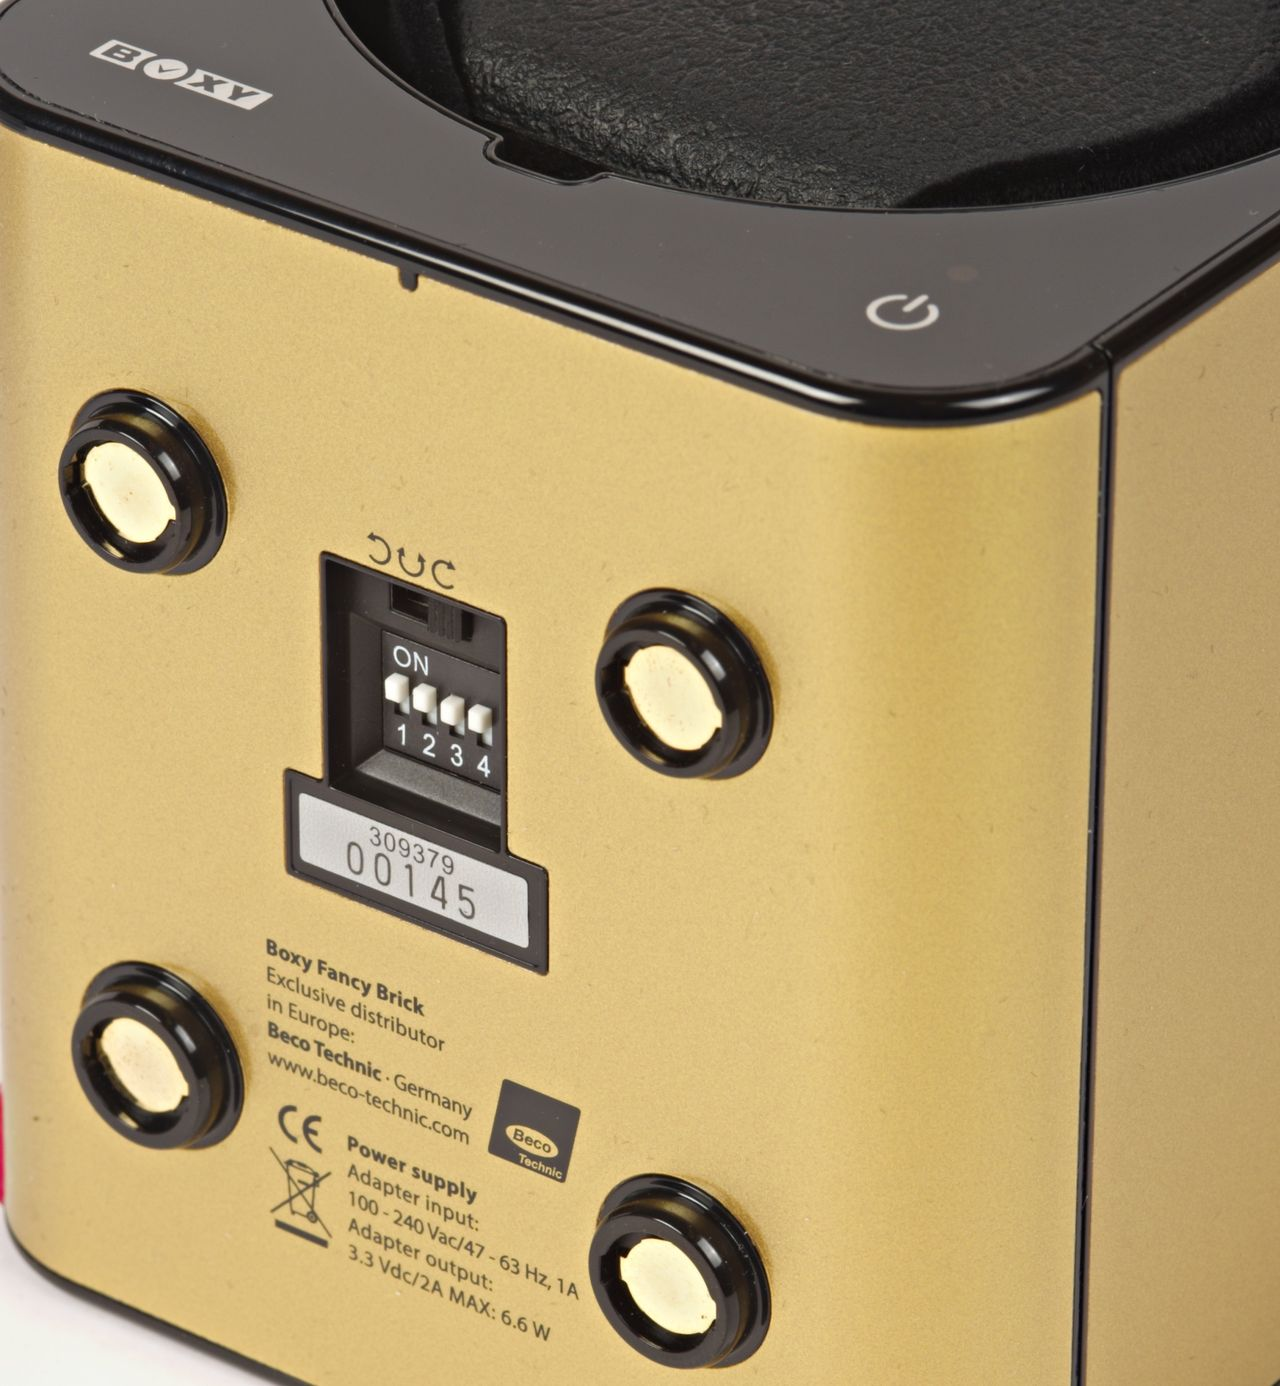 Boxy - mikrokapcsolókkal állítható a napi fordulat száma